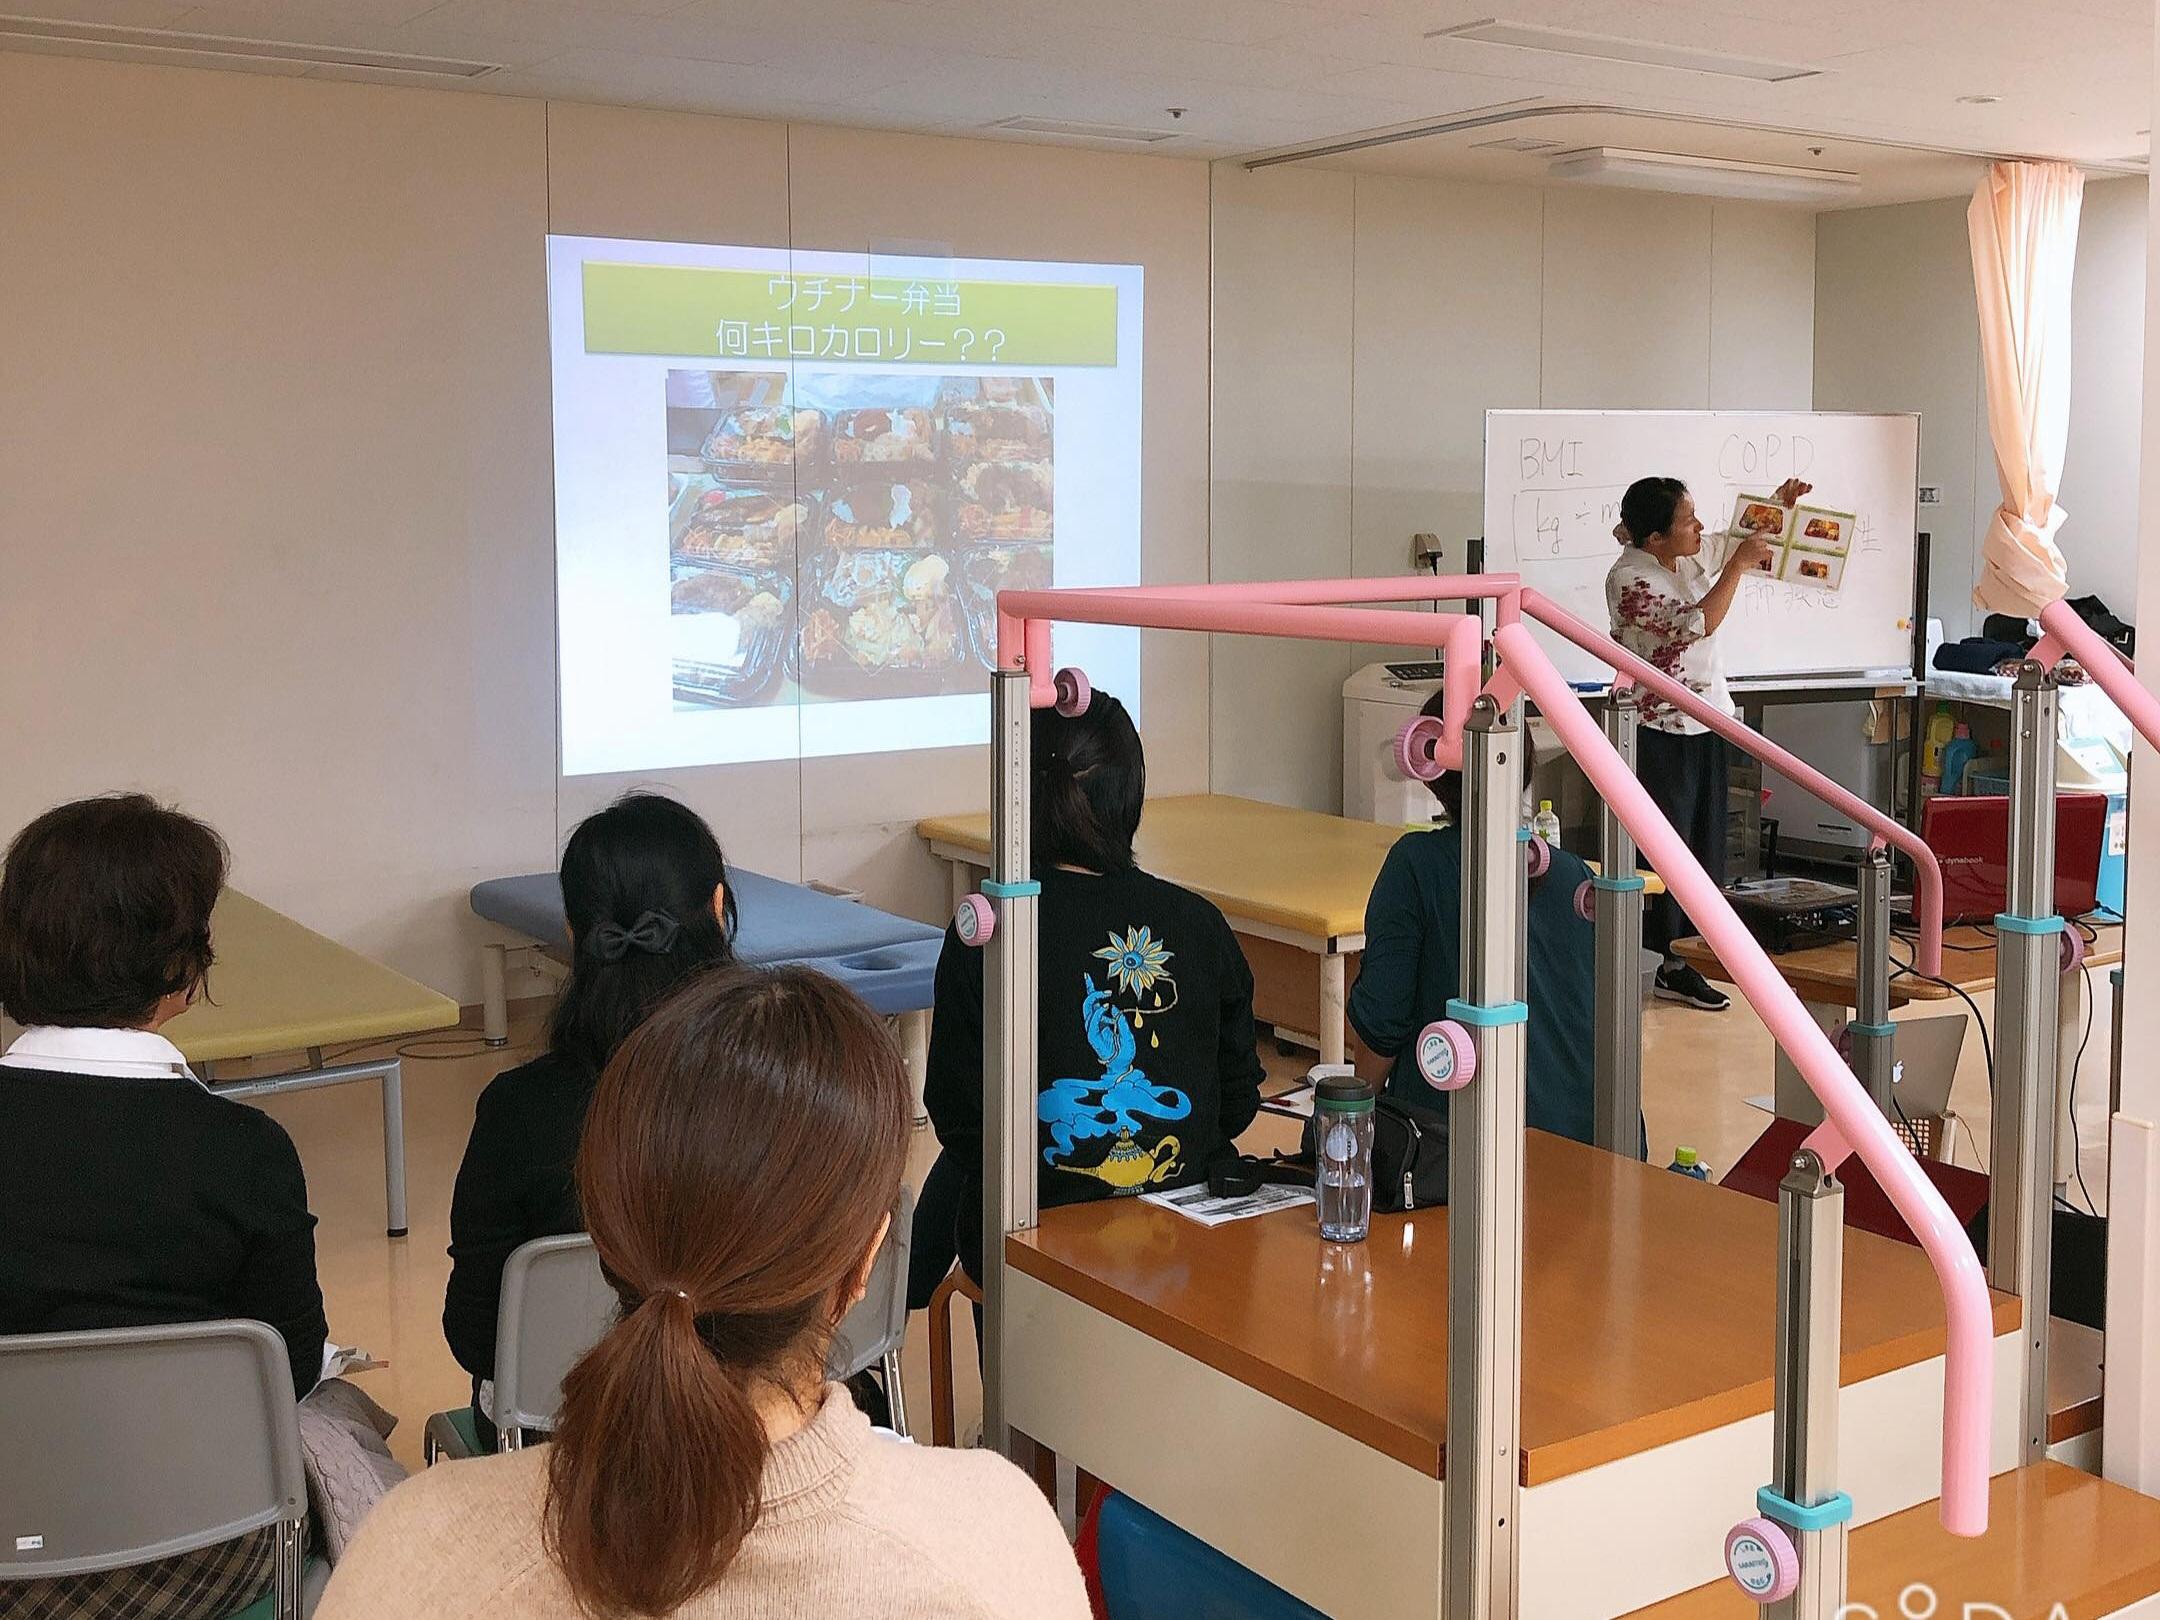 沖縄理学療法セラピーベースアップセミナーリハビリテーション沖縄肥満県